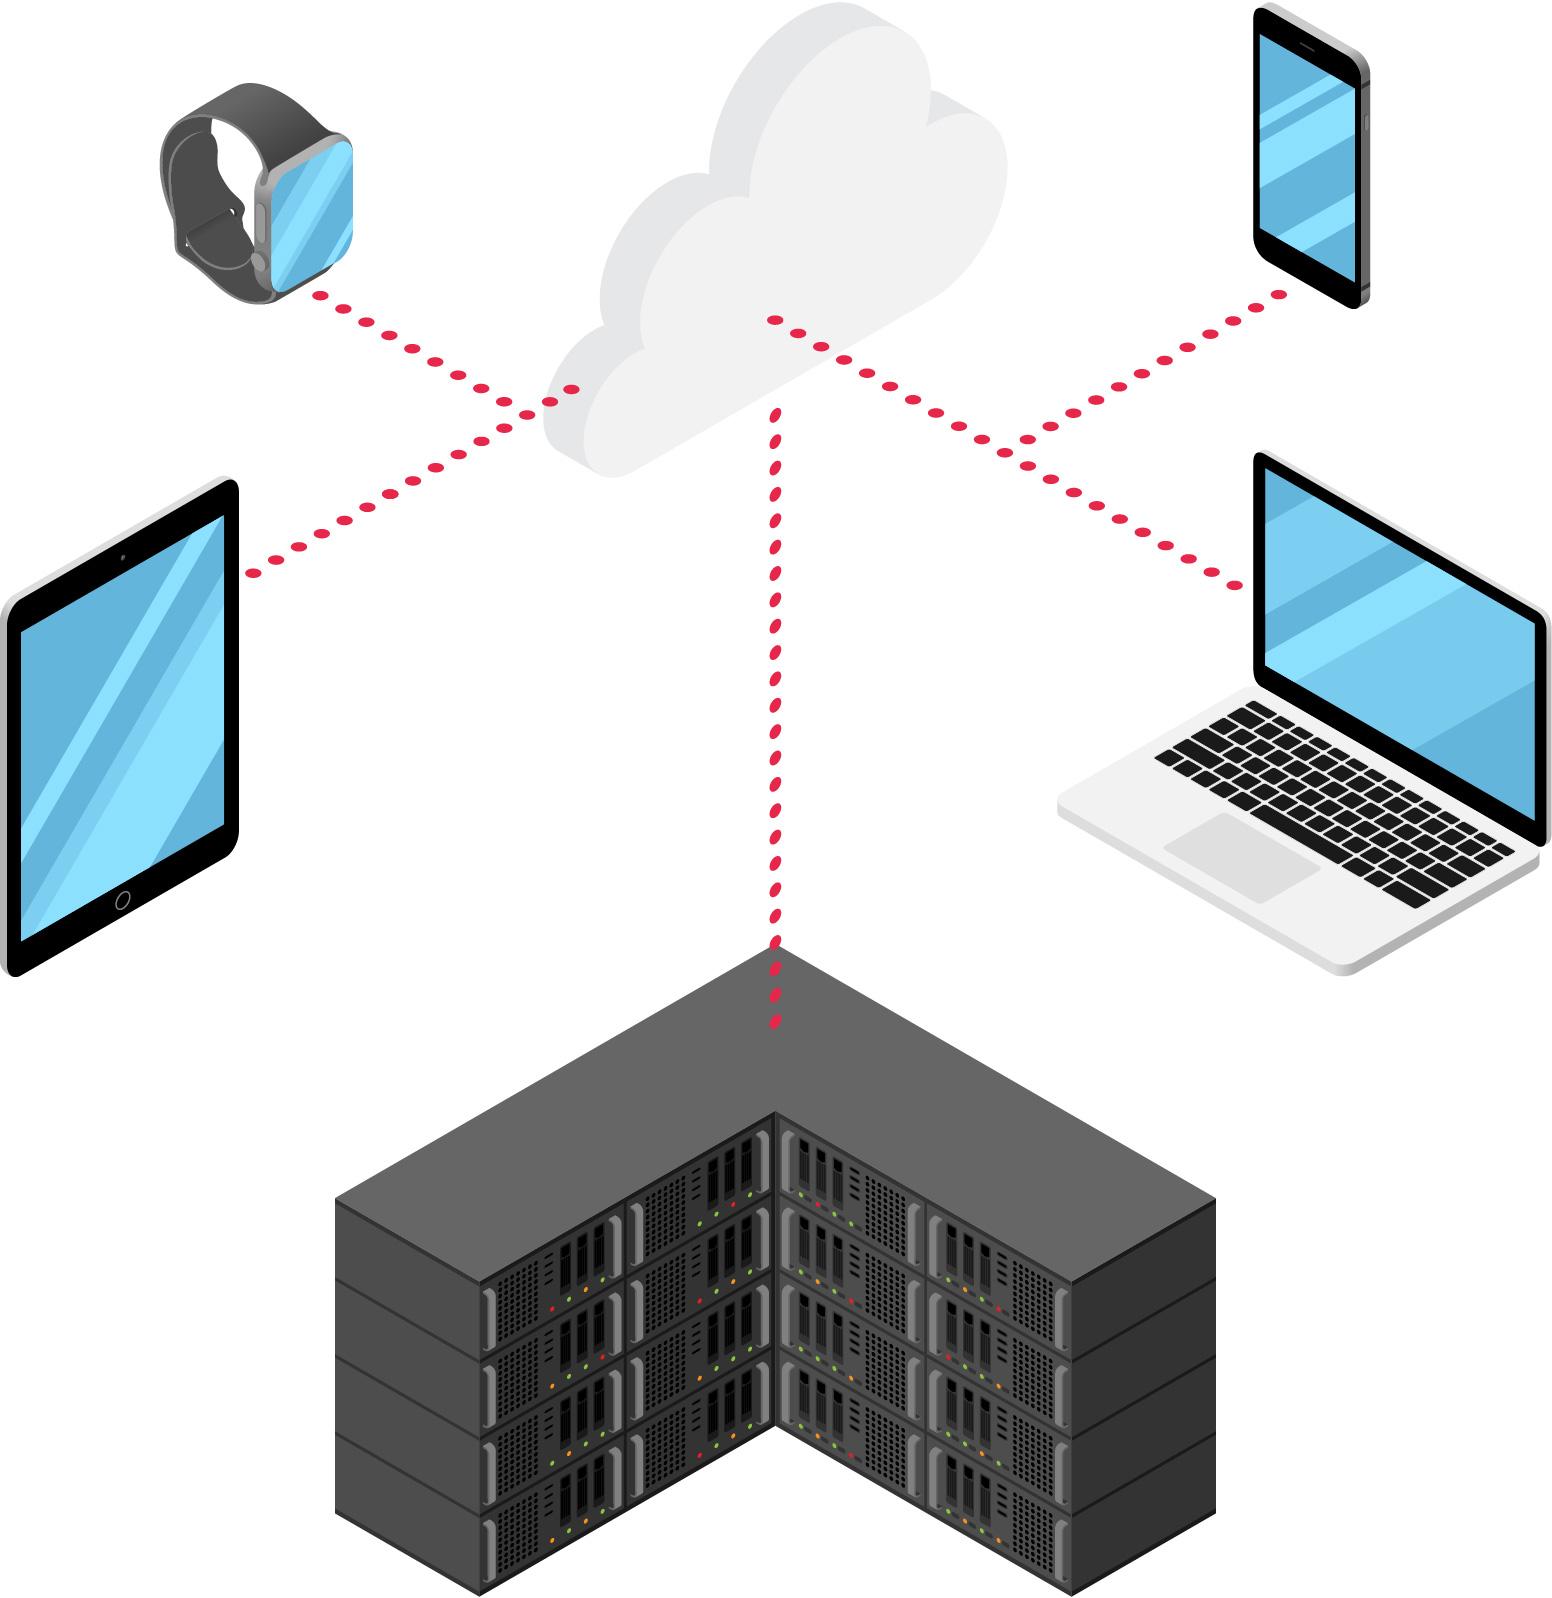 Darstellung verschiedener Geräte die über die Cloud miteinander vernetzt sind.